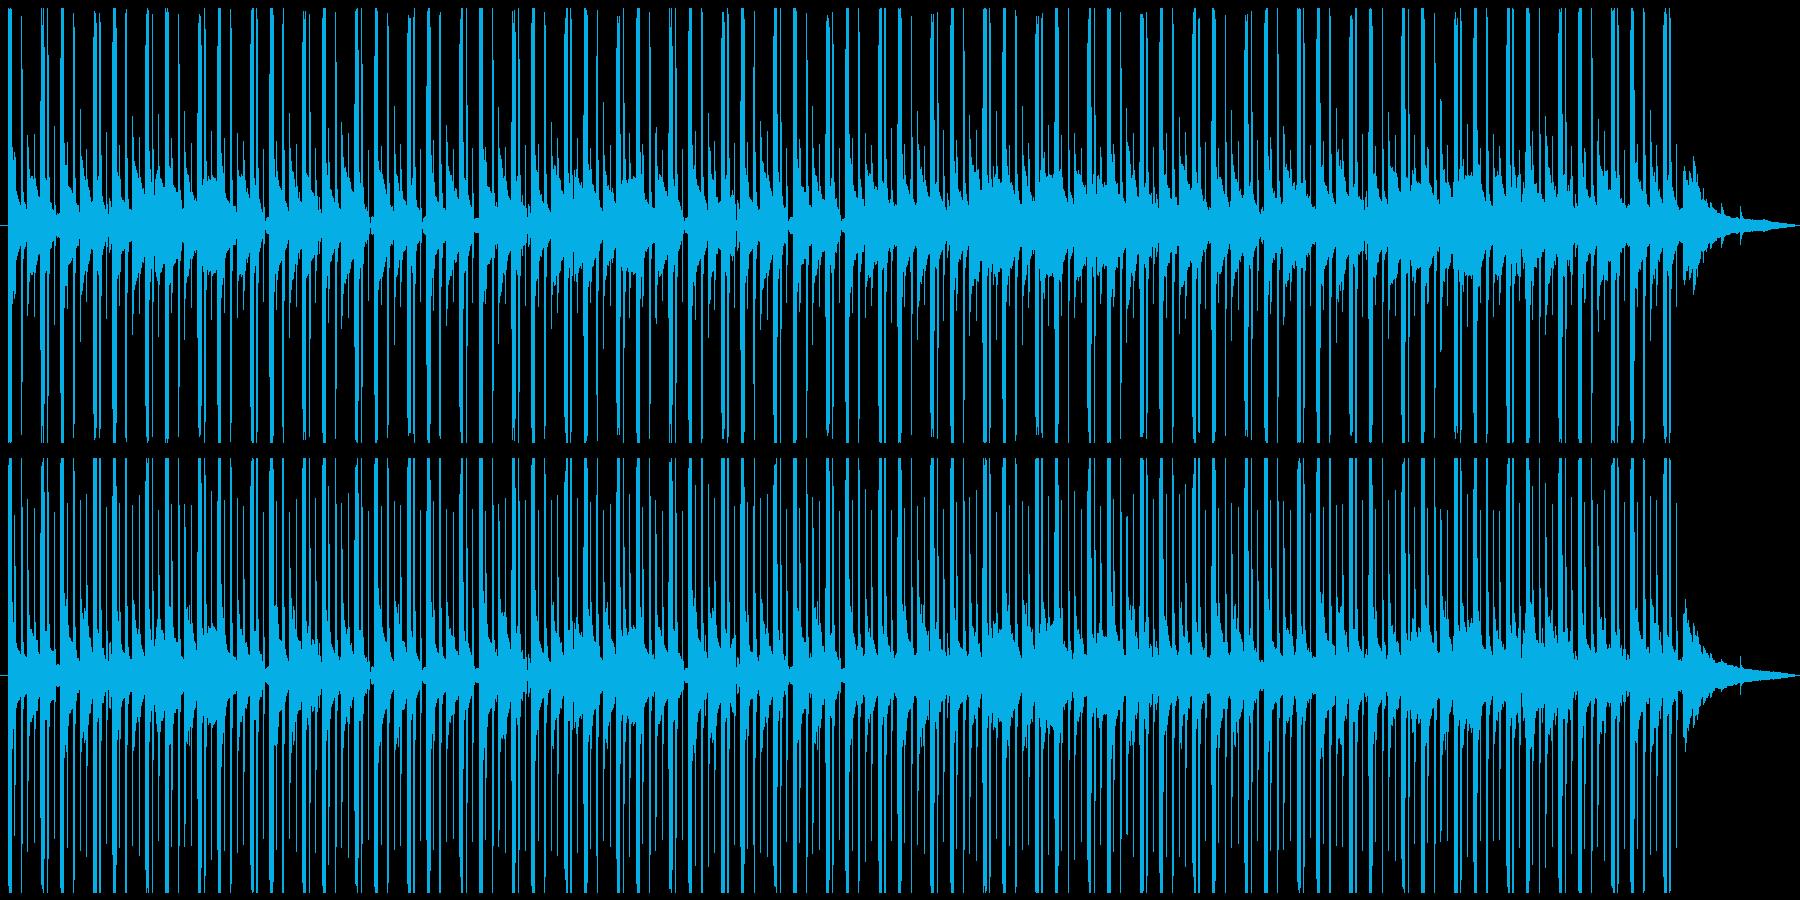 深夜のラジオの後ろで流れてるBGMの再生済みの波形